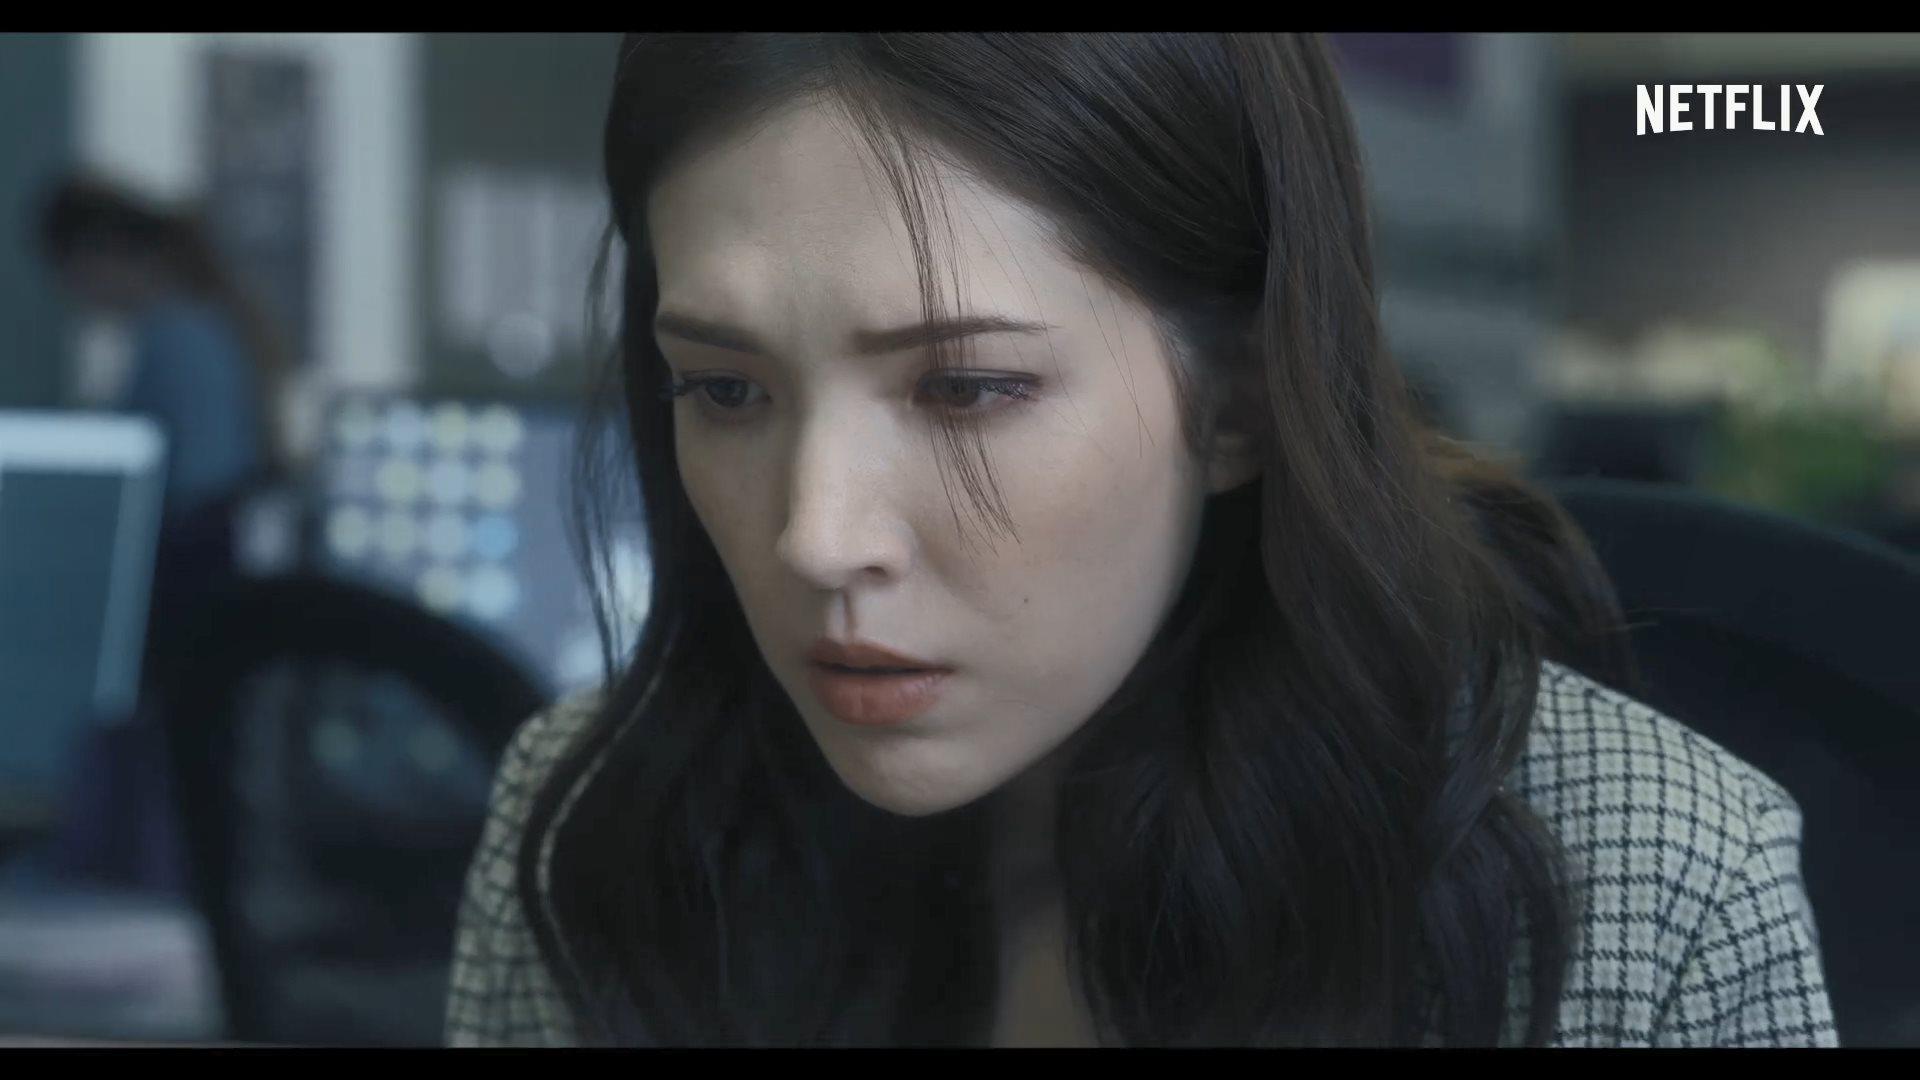 Netflix华语剧《谁是受害者》正式预告 林心如参演